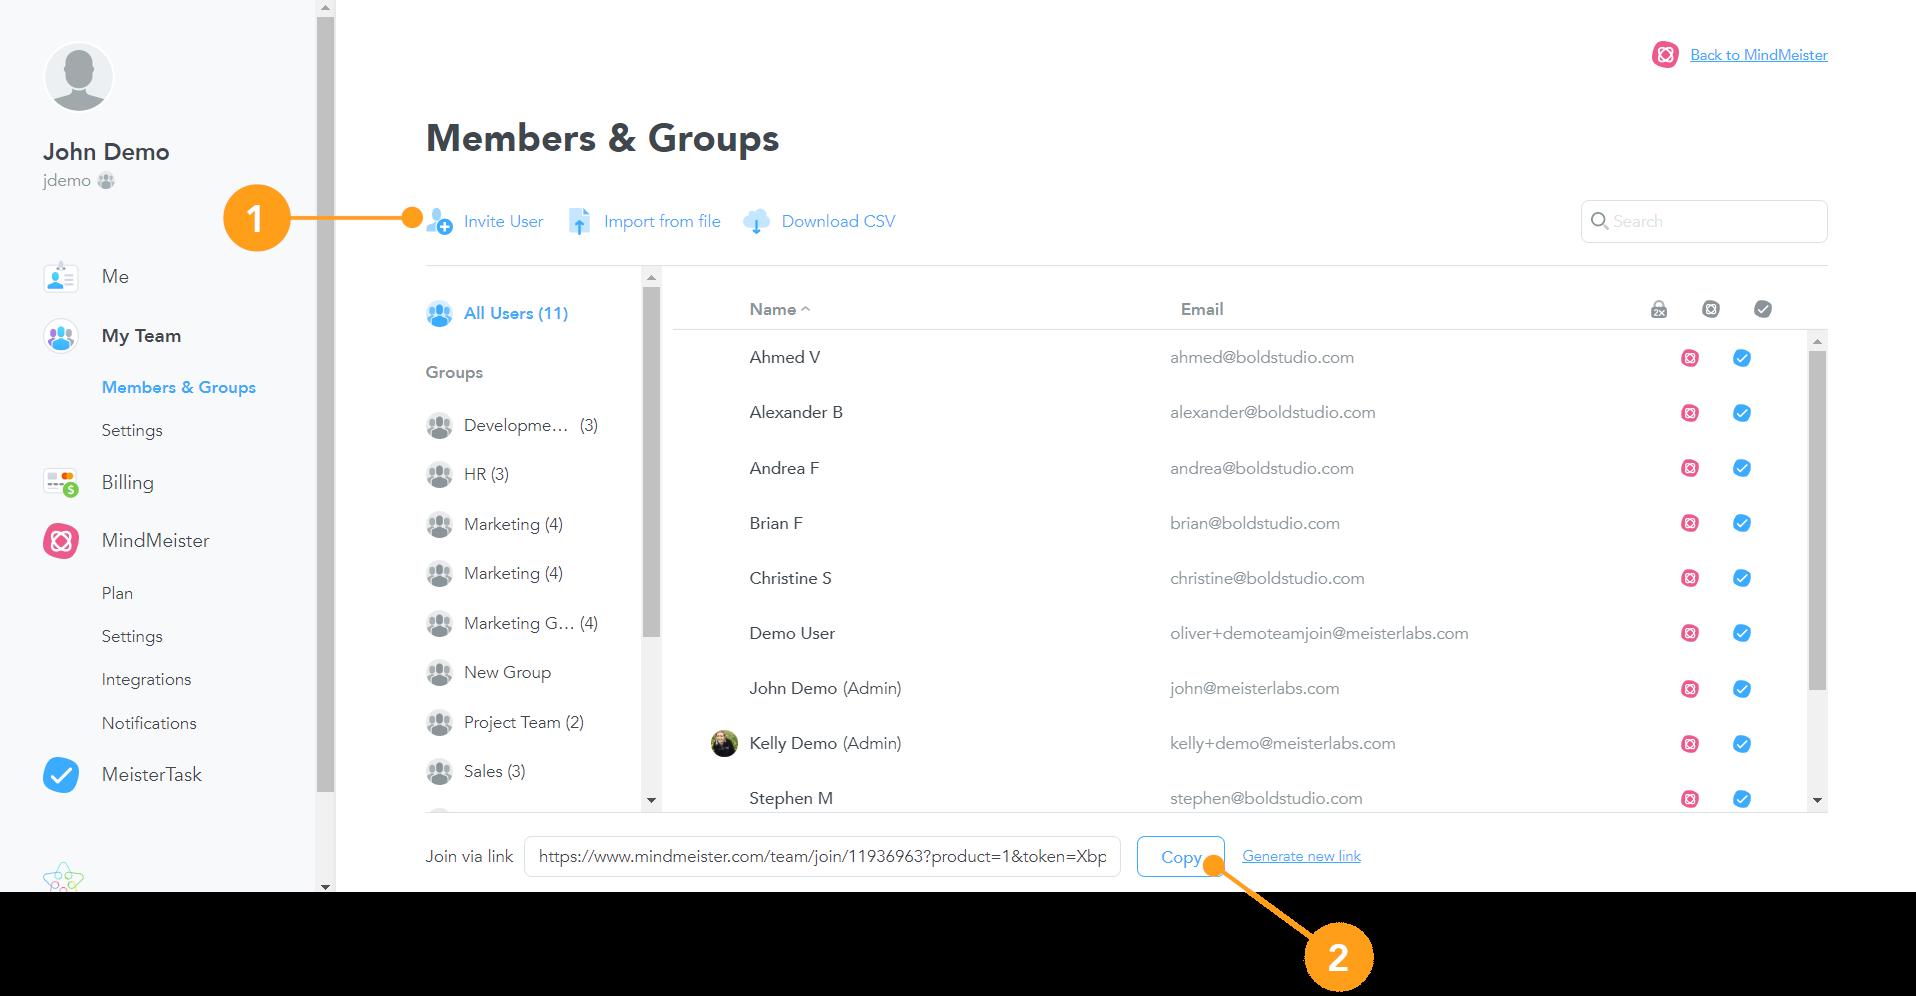 membersandgroups.png